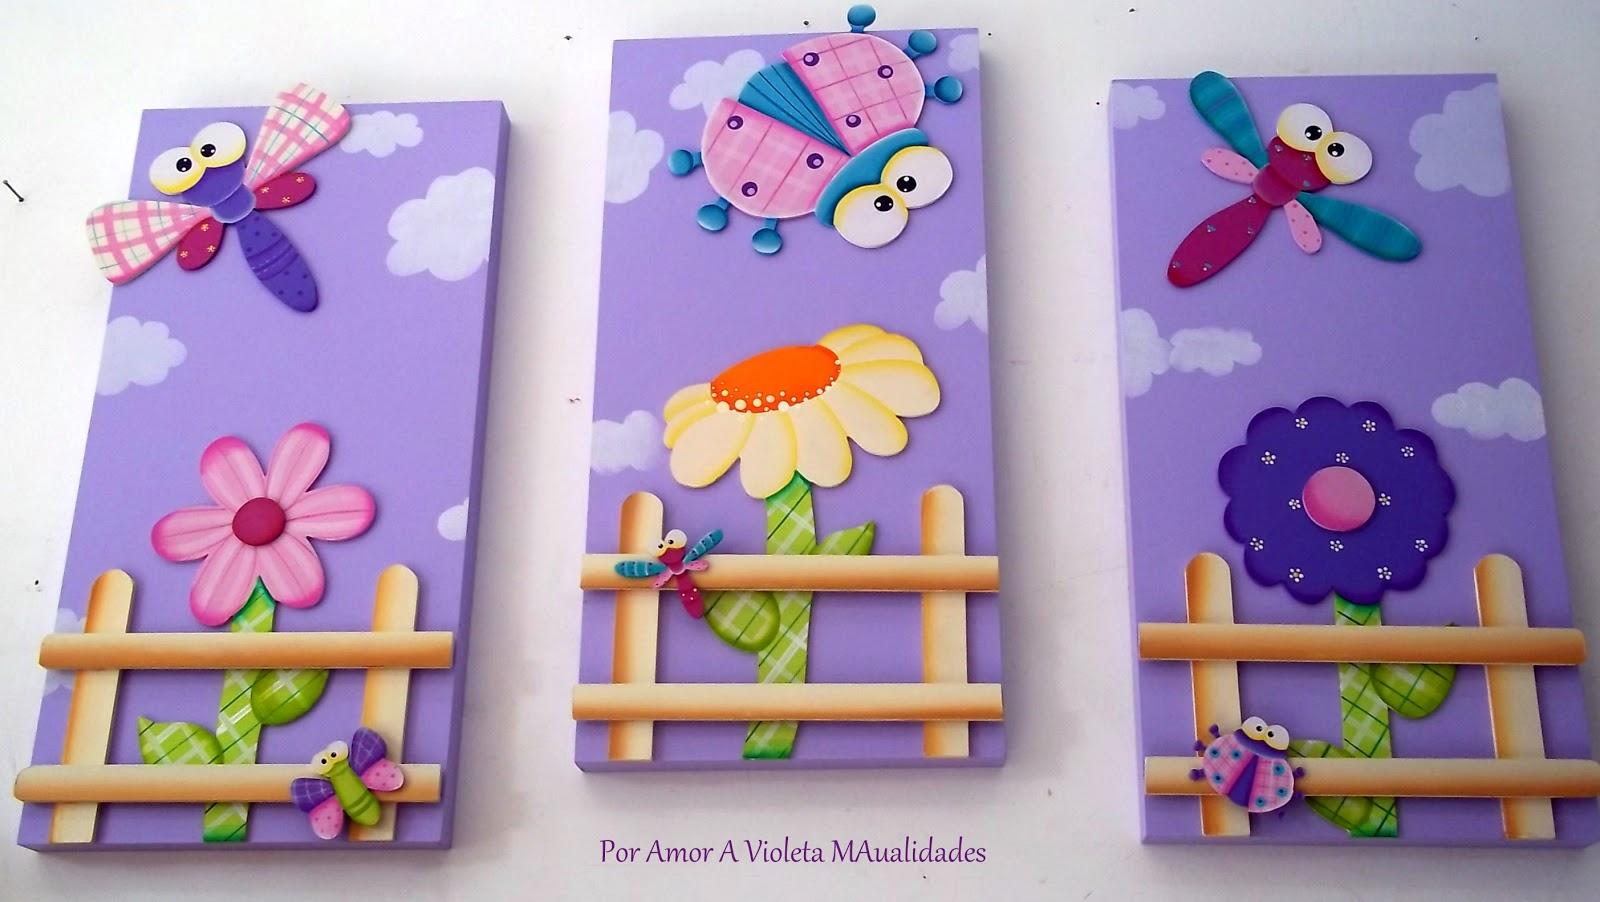 Por amor a violeta manualidades arte terapia vicio de - Pinturas de madera ...